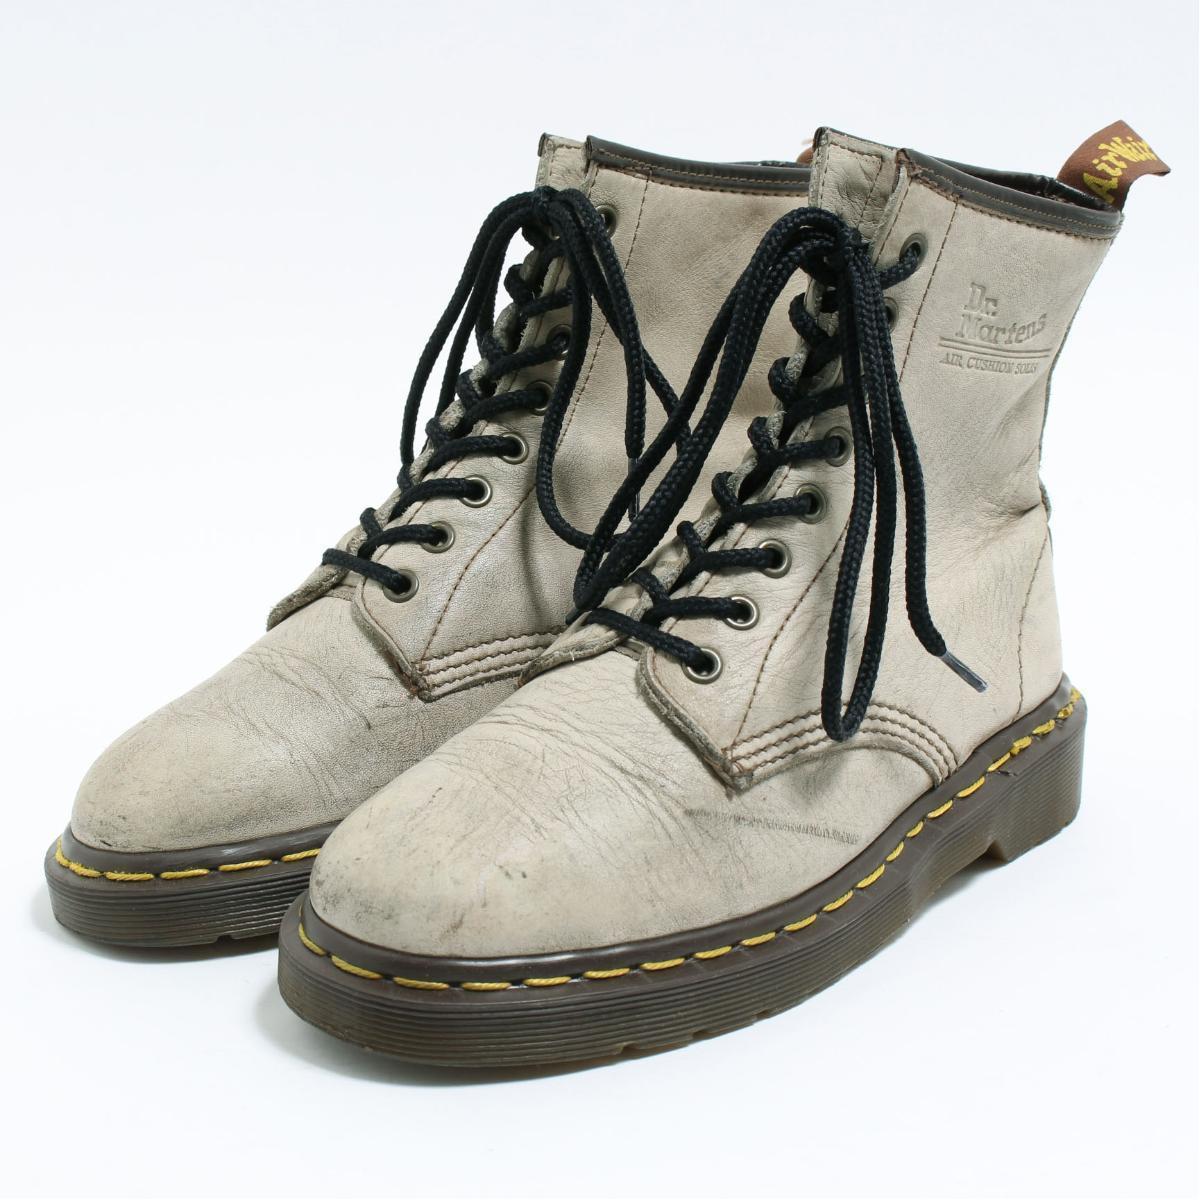 ドクターマーチン Dr.Martens 8ホールブーツ 英国製 UK5 レディース23.5cm /boo6303 【中古】 【190318】